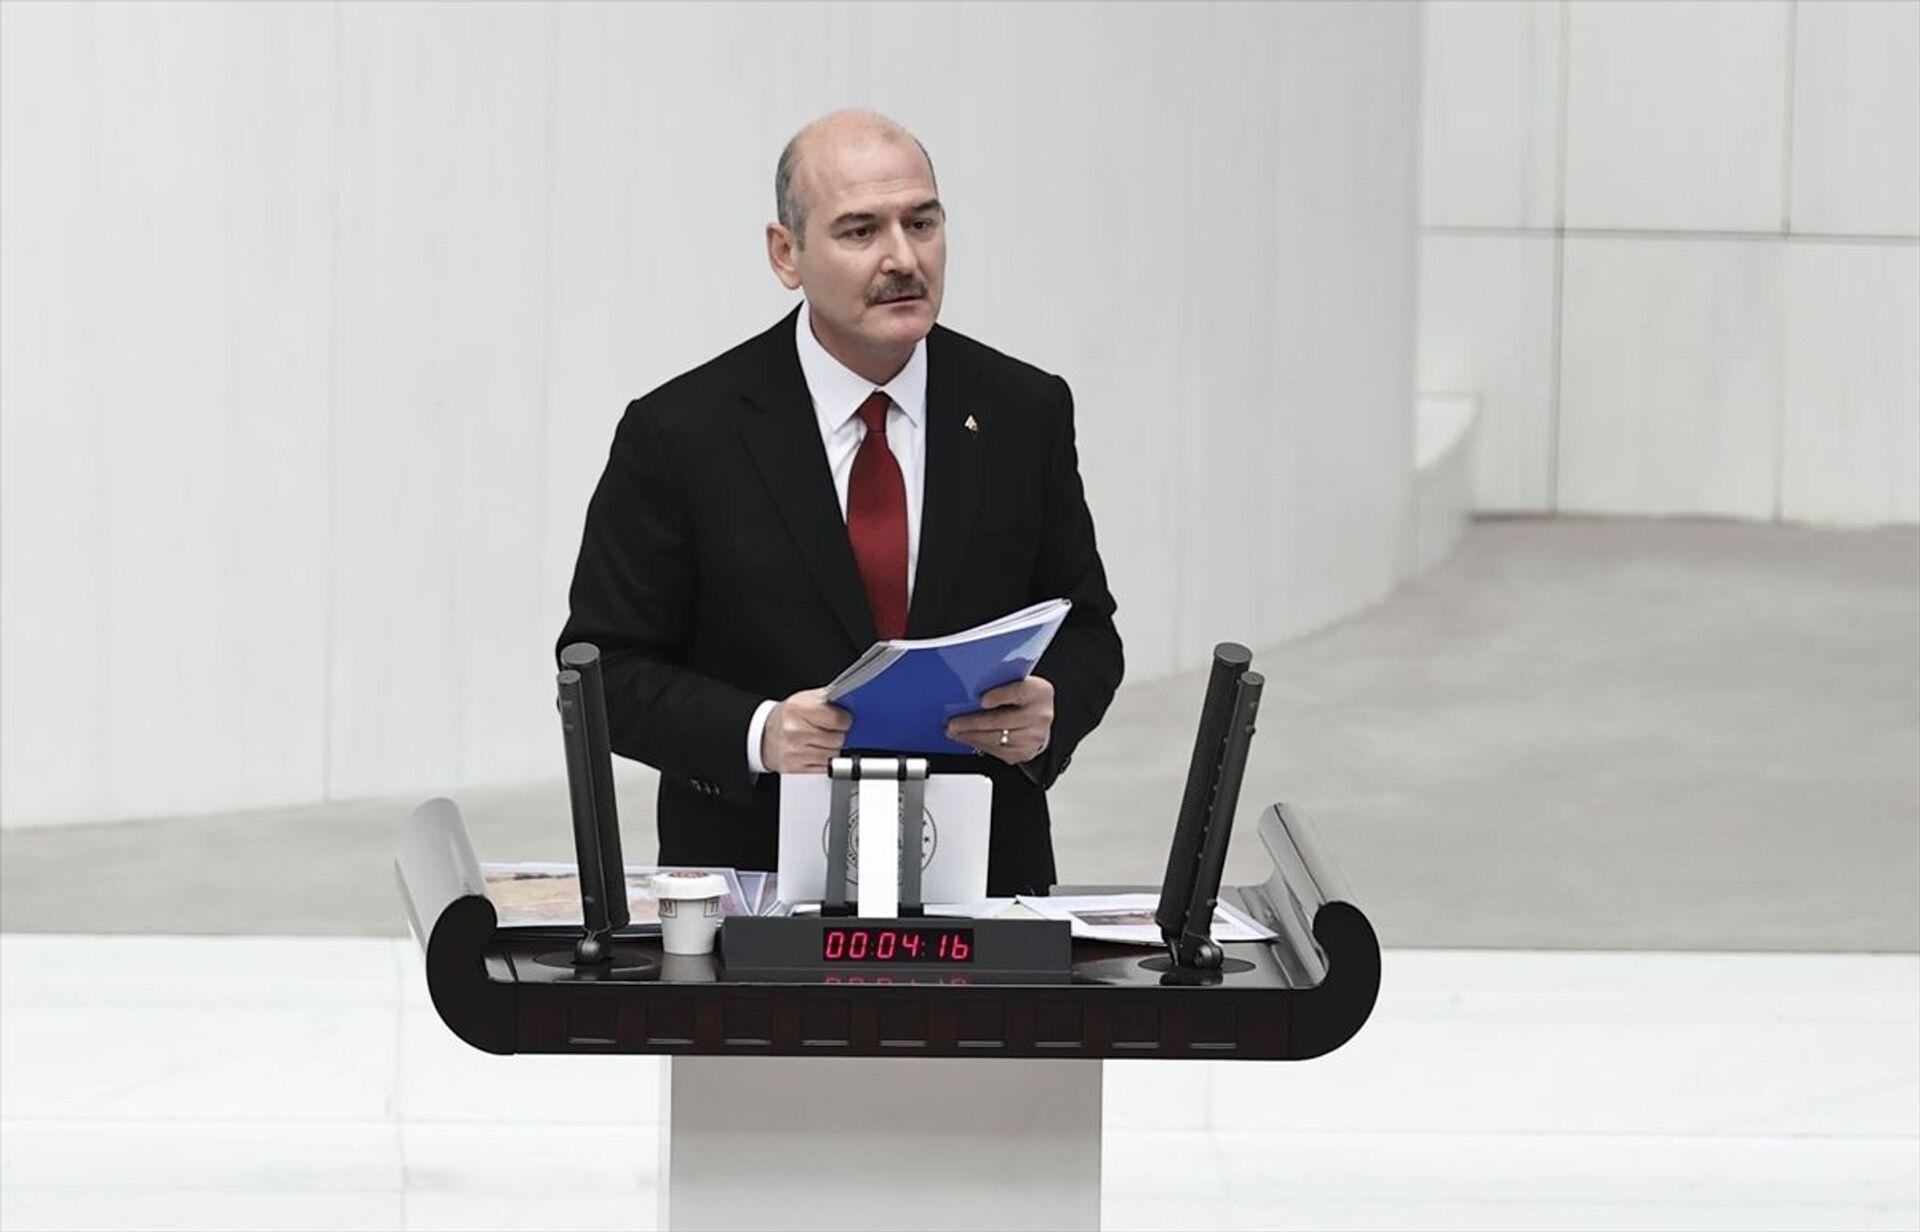 Akar ve Soylu, Gara operasyonuyla ilgili Meclis'i bilgilendirdi: 'Evlatlarımız ayın 10'unda şehit oldu' - Sputnik Türkiye, 1920, 16.02.2021